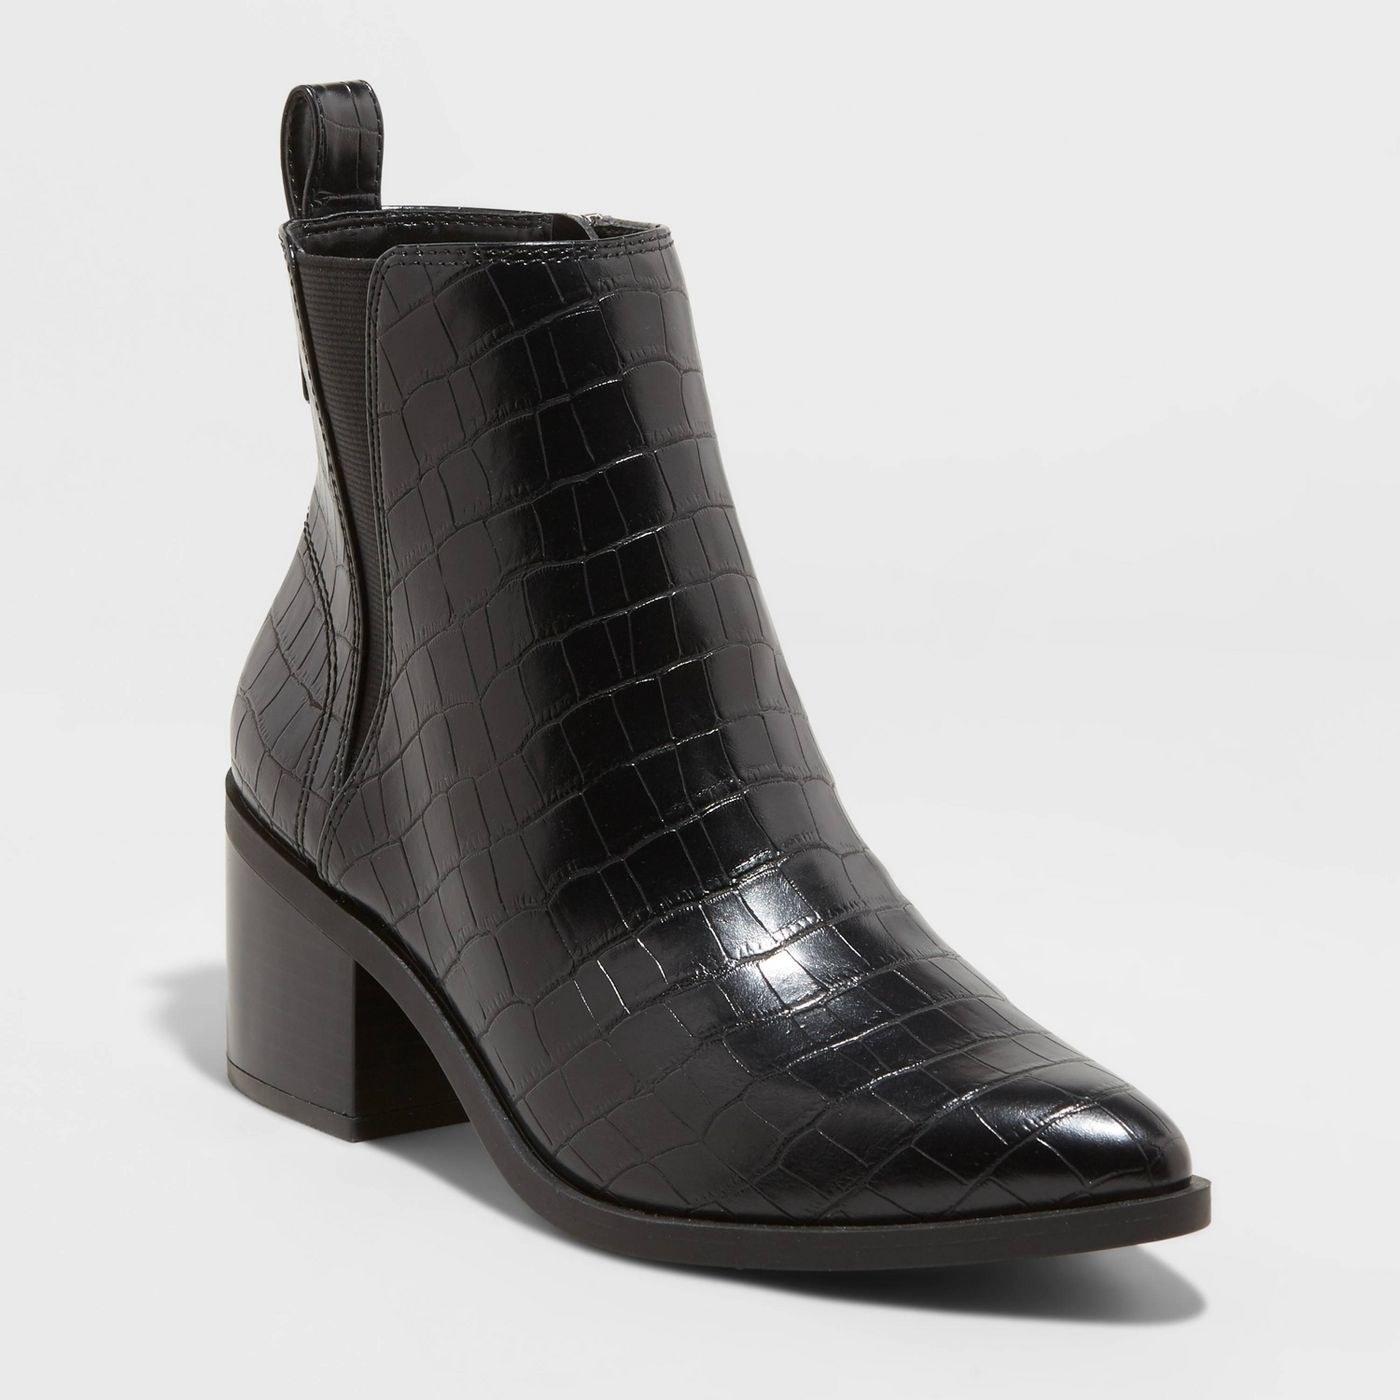 black snakeskin heeled chelsea booties